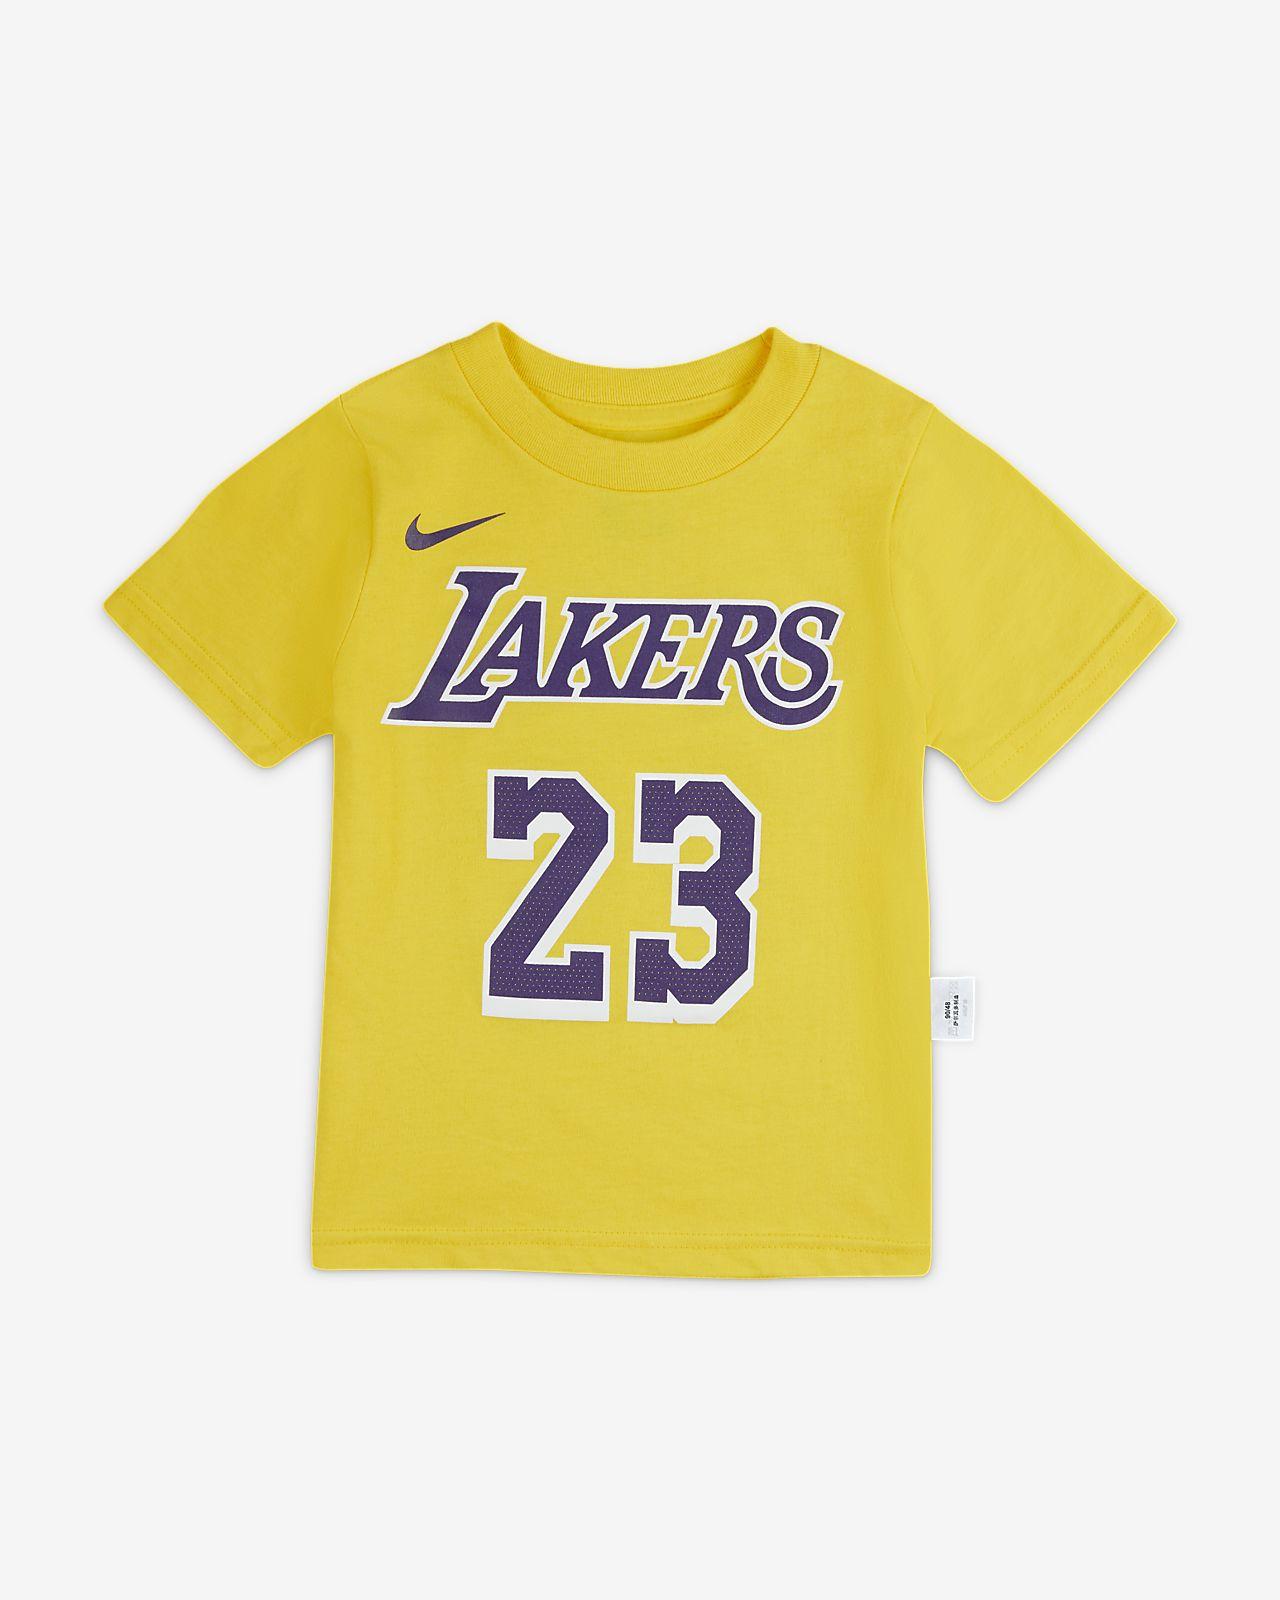 洛杉矶湖人队 Nike NBA 婴童T恤